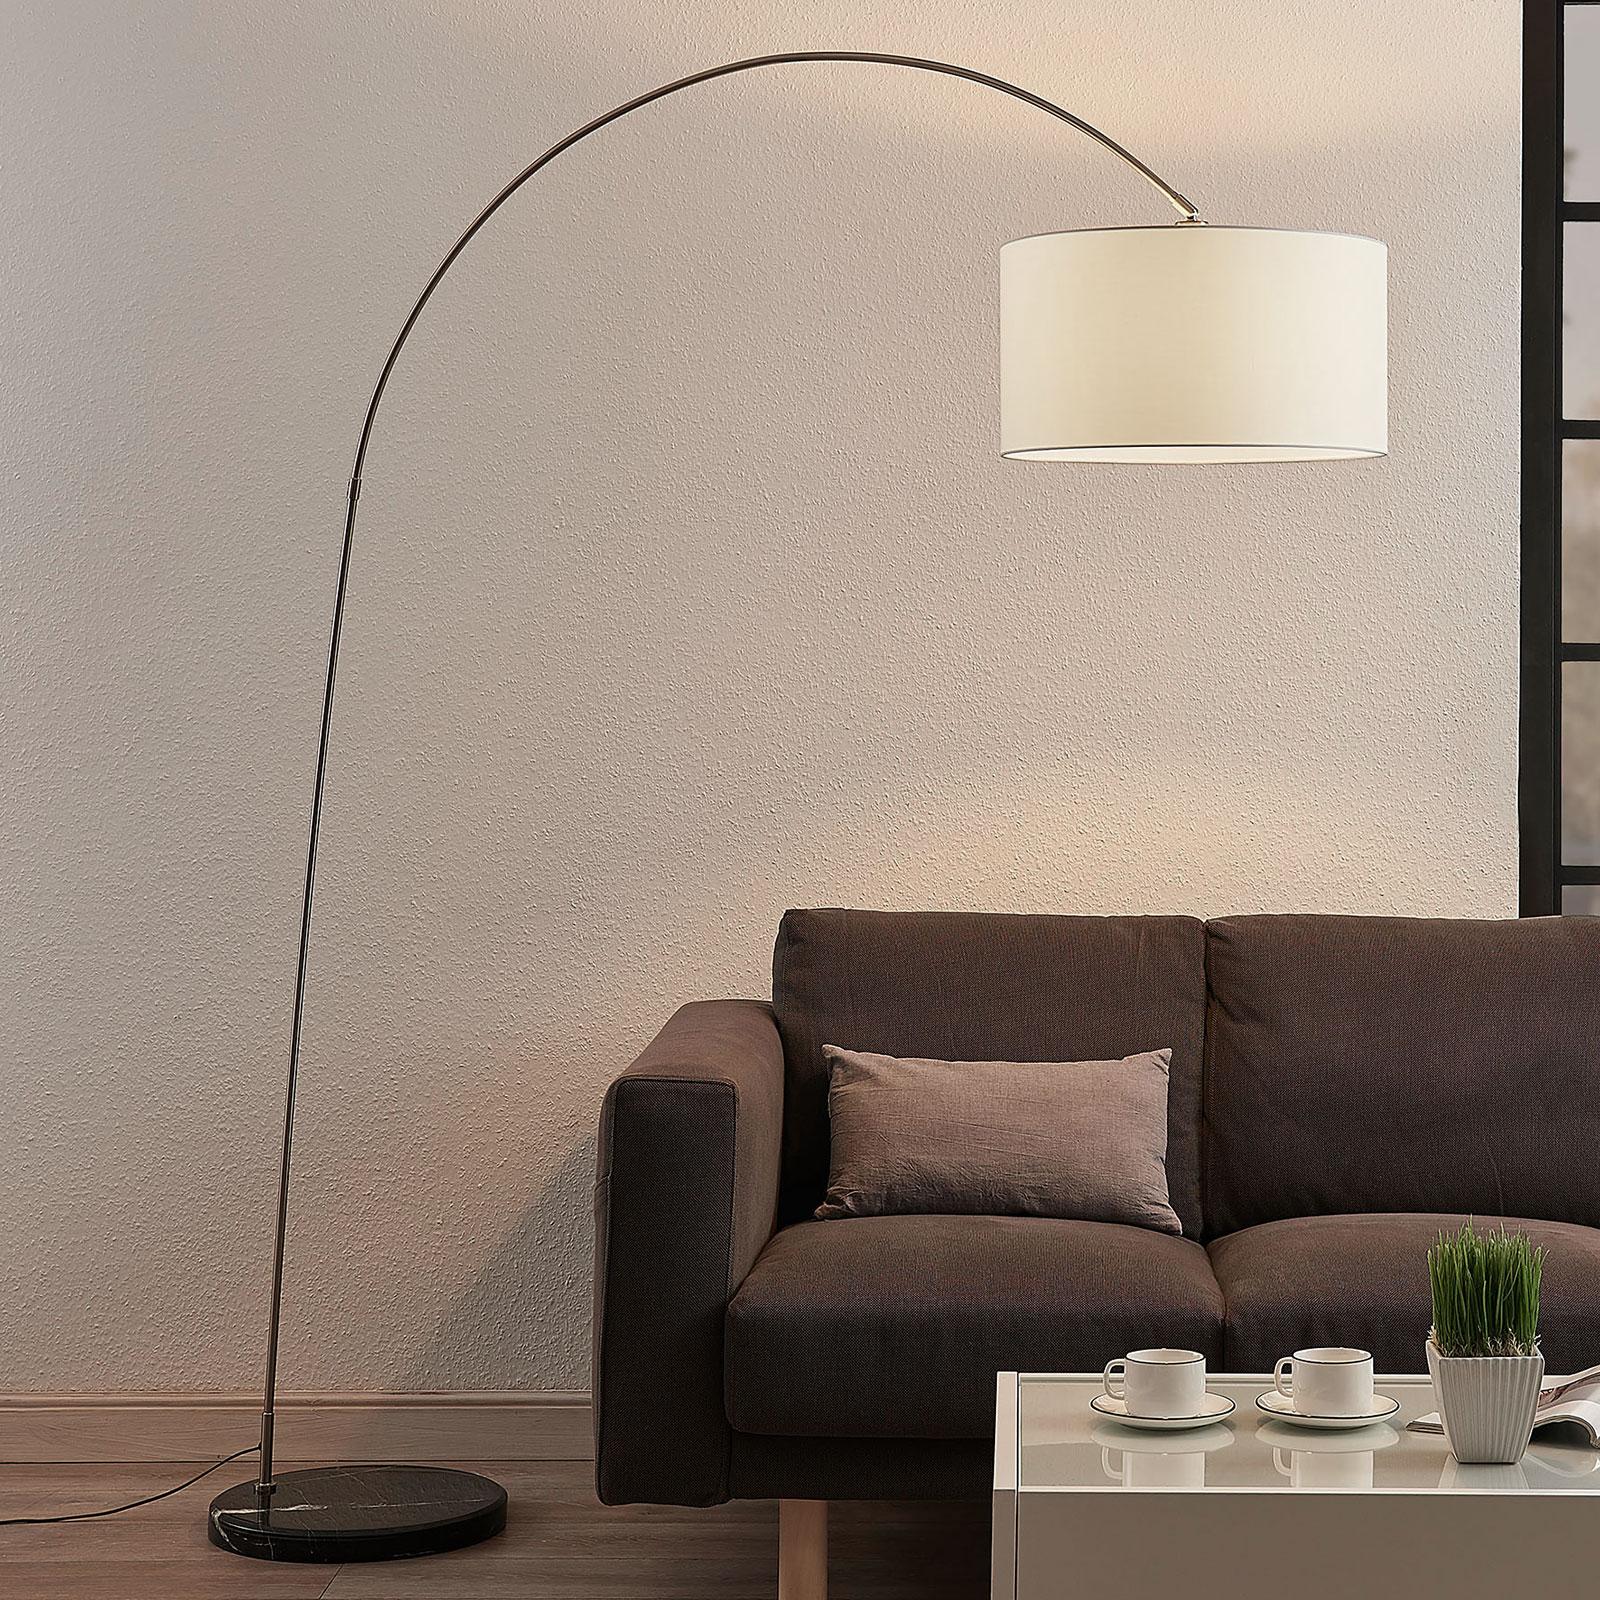 Łukowa lampa stojąca Belinda, biały klosz tkanina